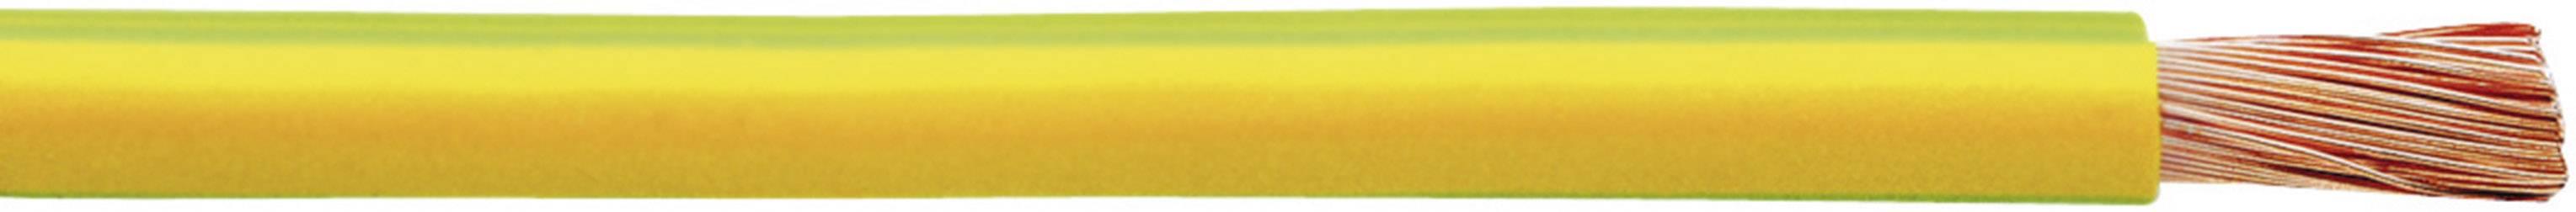 Opletenie / lanko Faber Kabel 040037 H07V-K, 1 x 1.50 mm², vonkajší Ø 2.80 mm, 100 m, biela